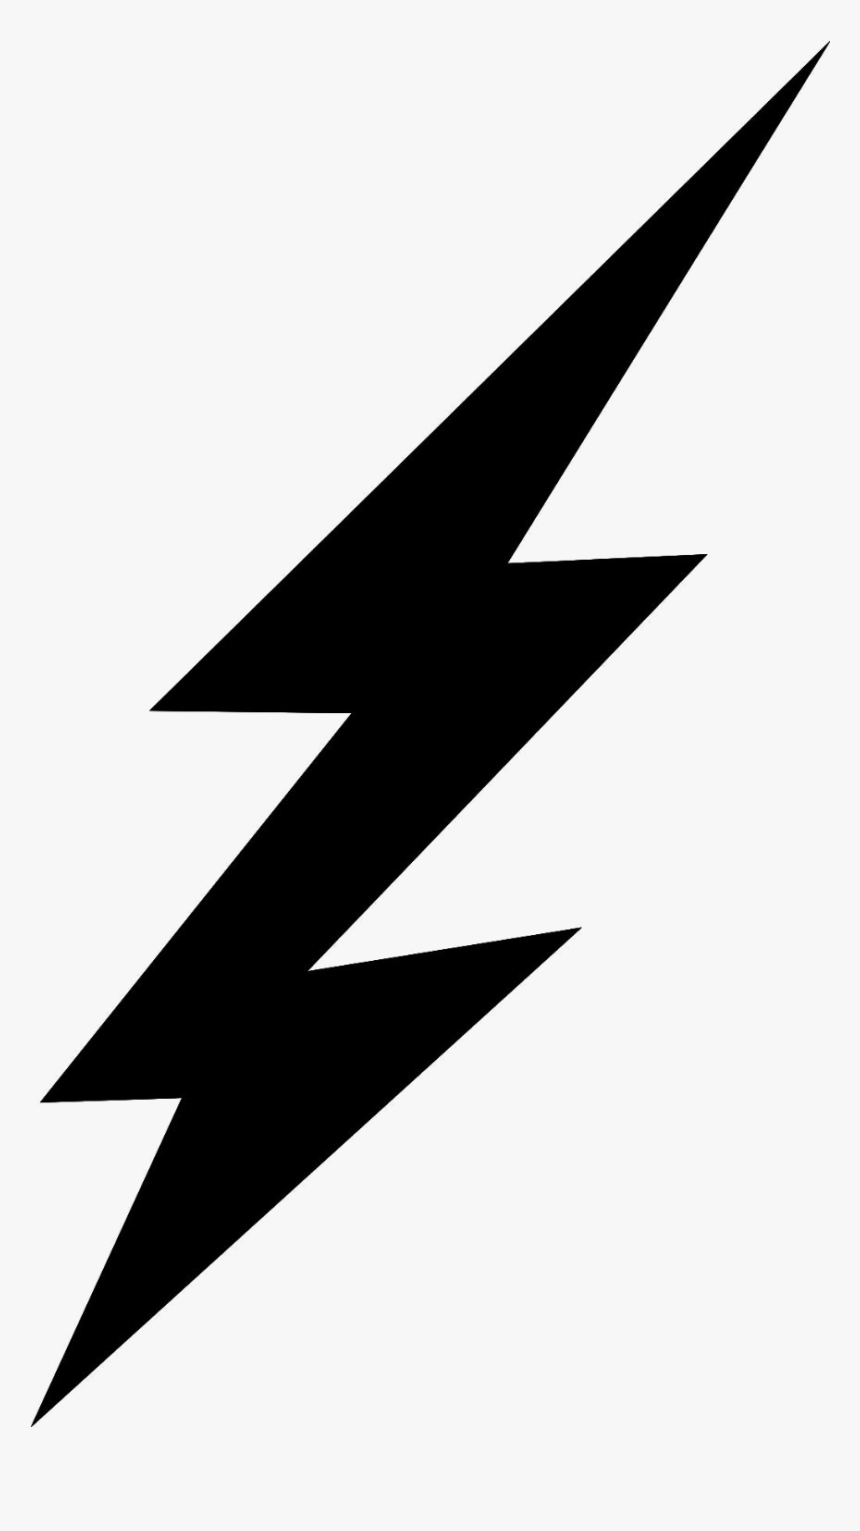 Lightning Free Bolt Clip Art On Transparent Png Lightning Bolt Clipart Png Download Transparent Png Image Pngitem